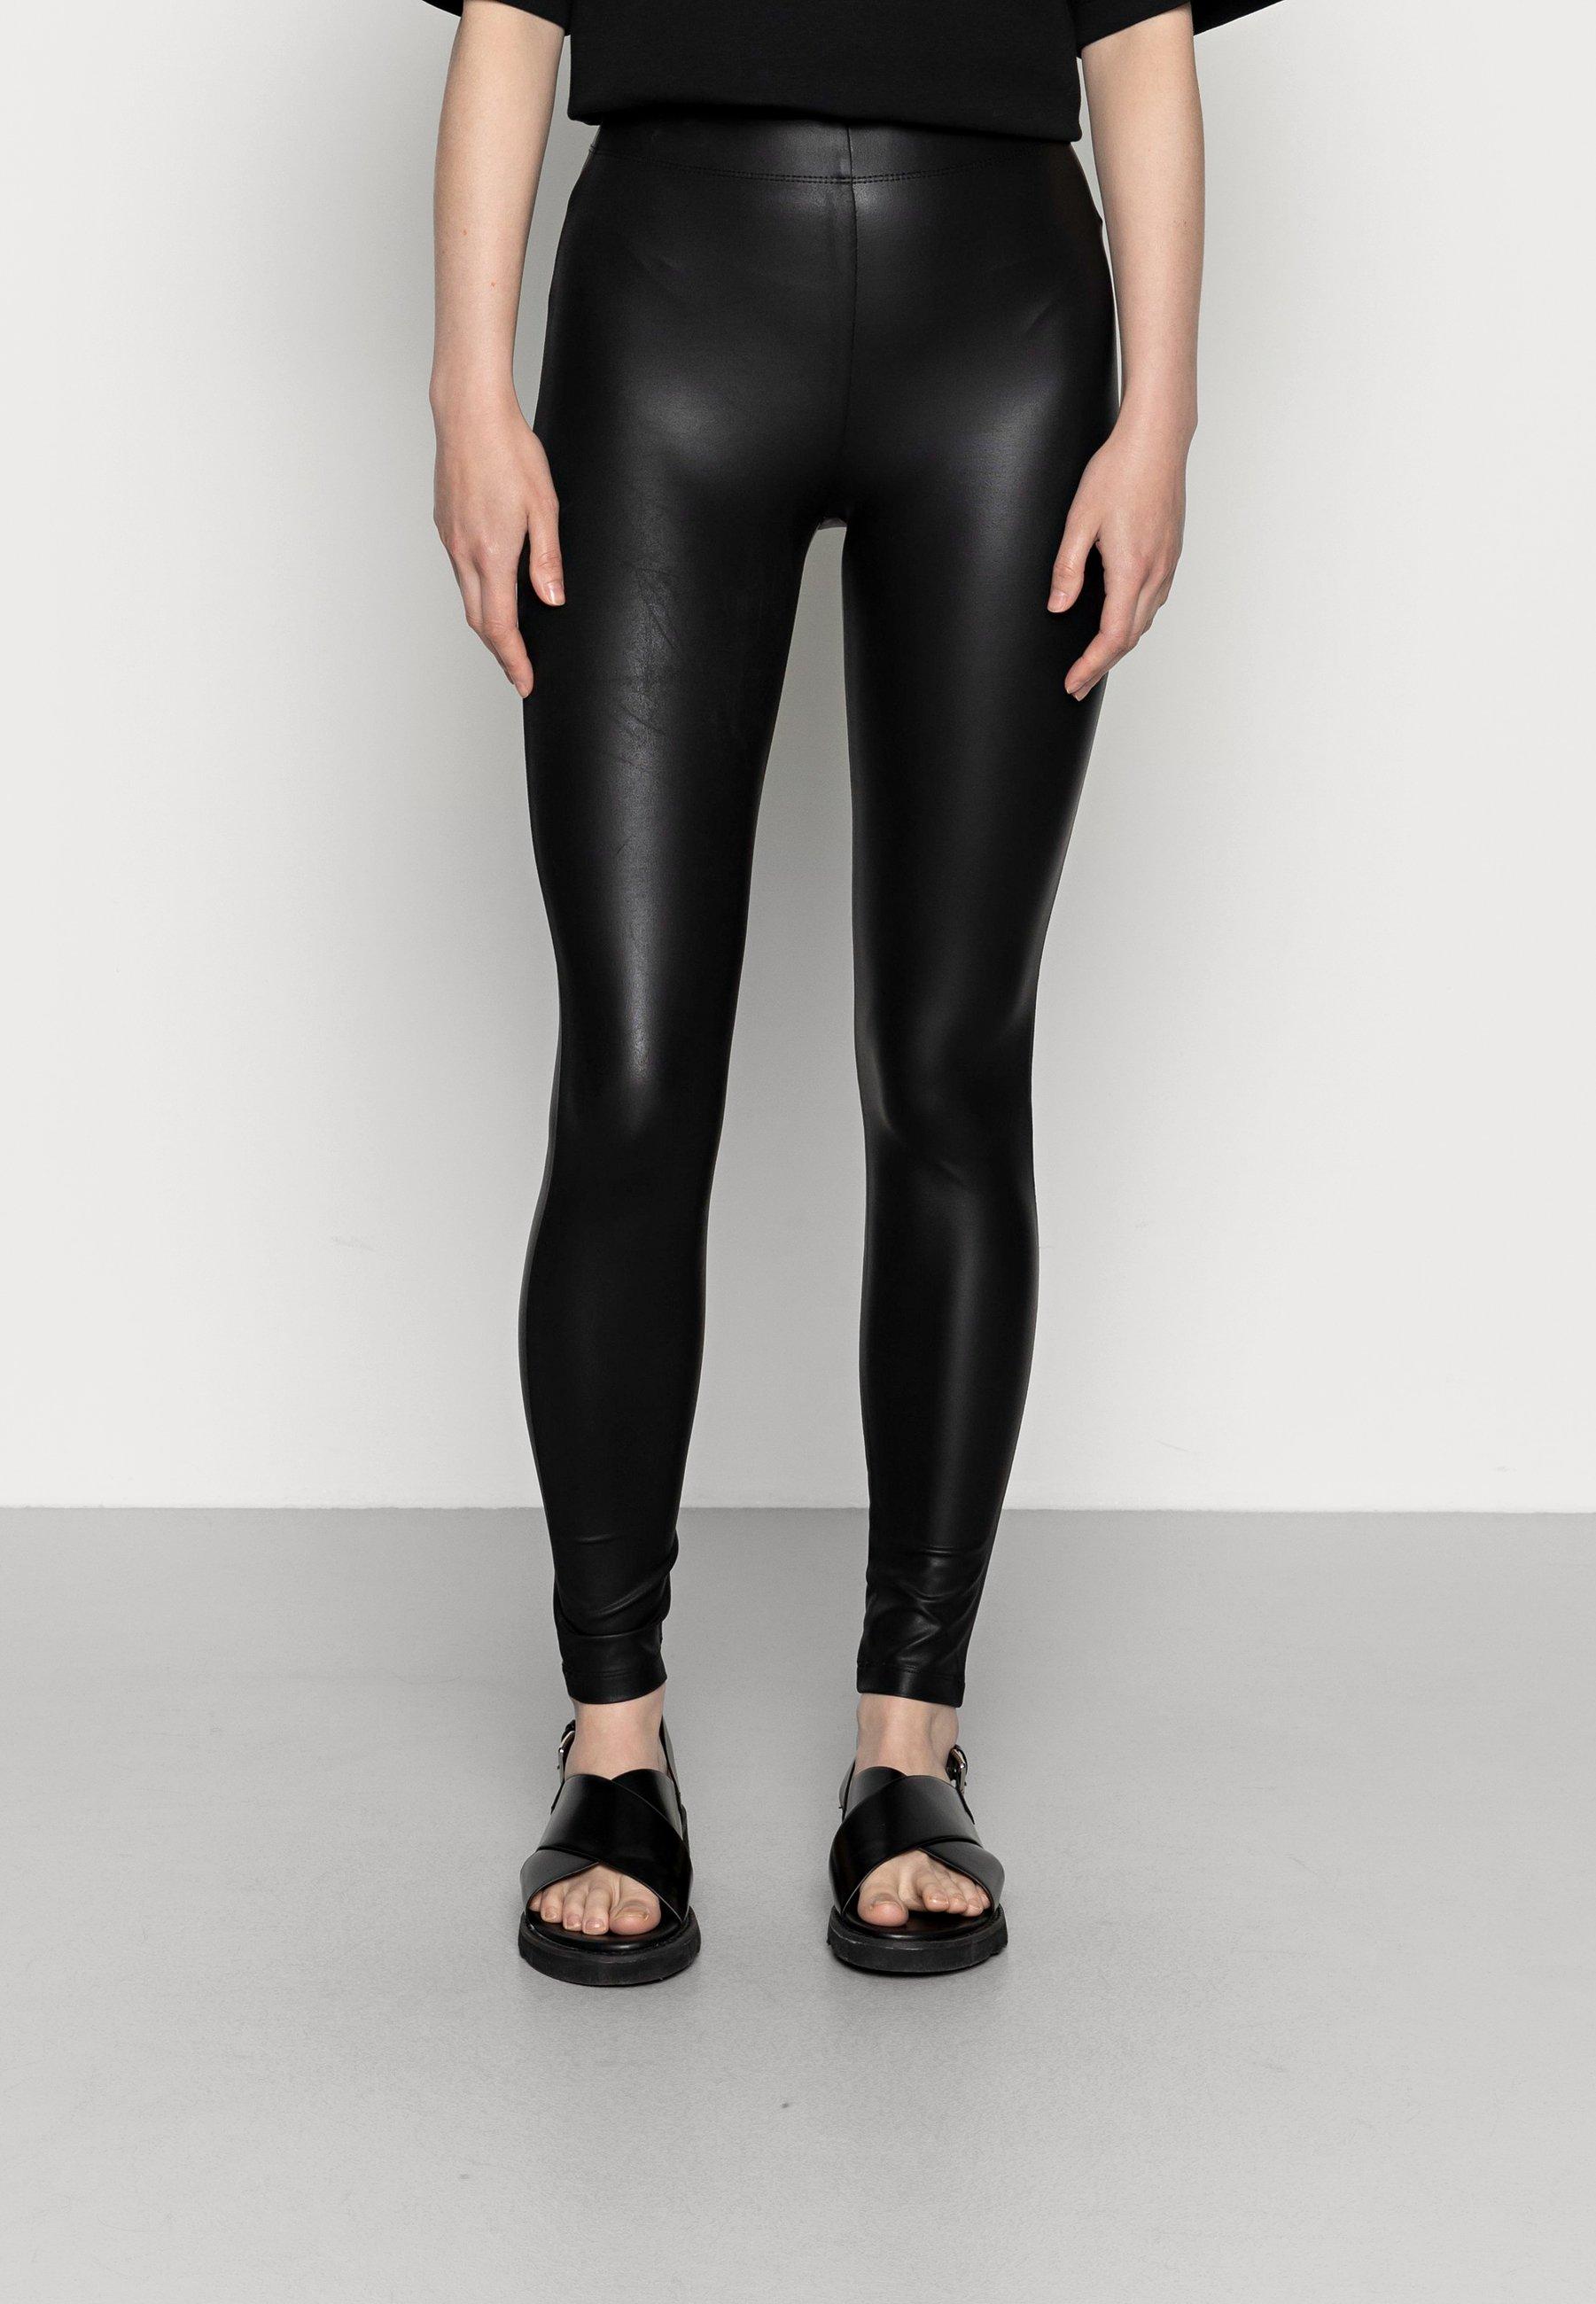 Damen Wet Look Leggings - Leggings - Hosen